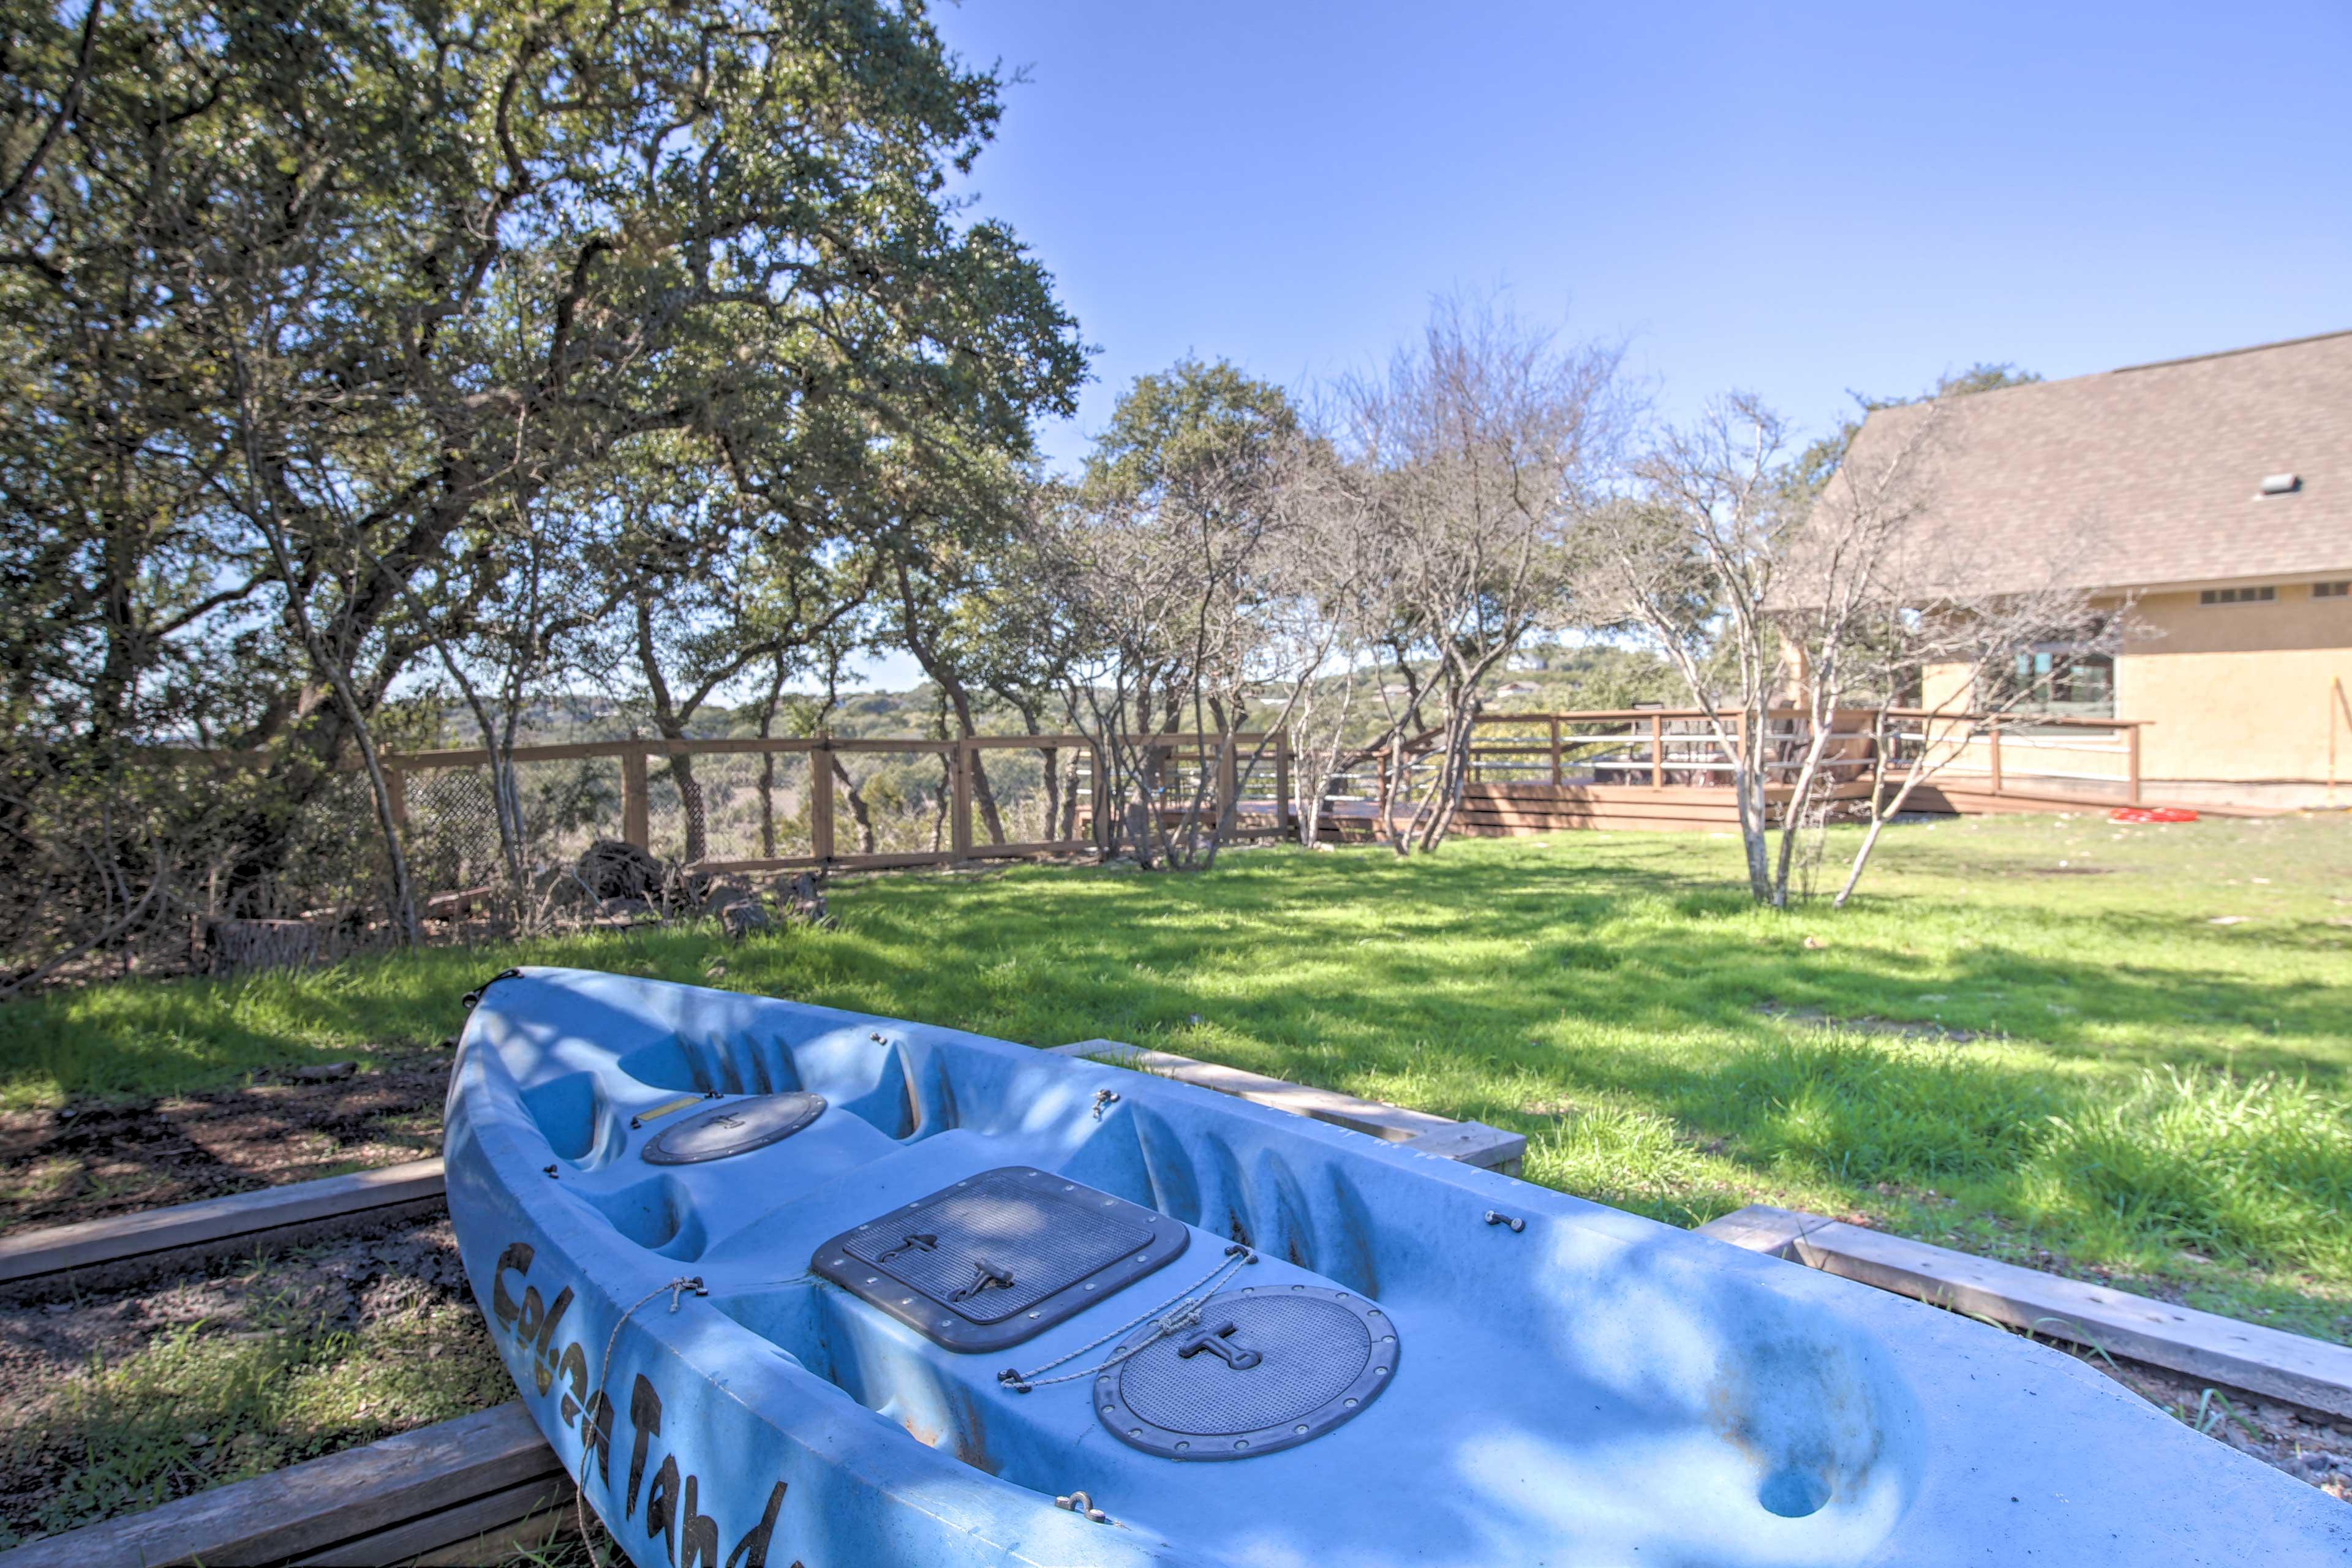 Take the kayak out on Canyon Lake!